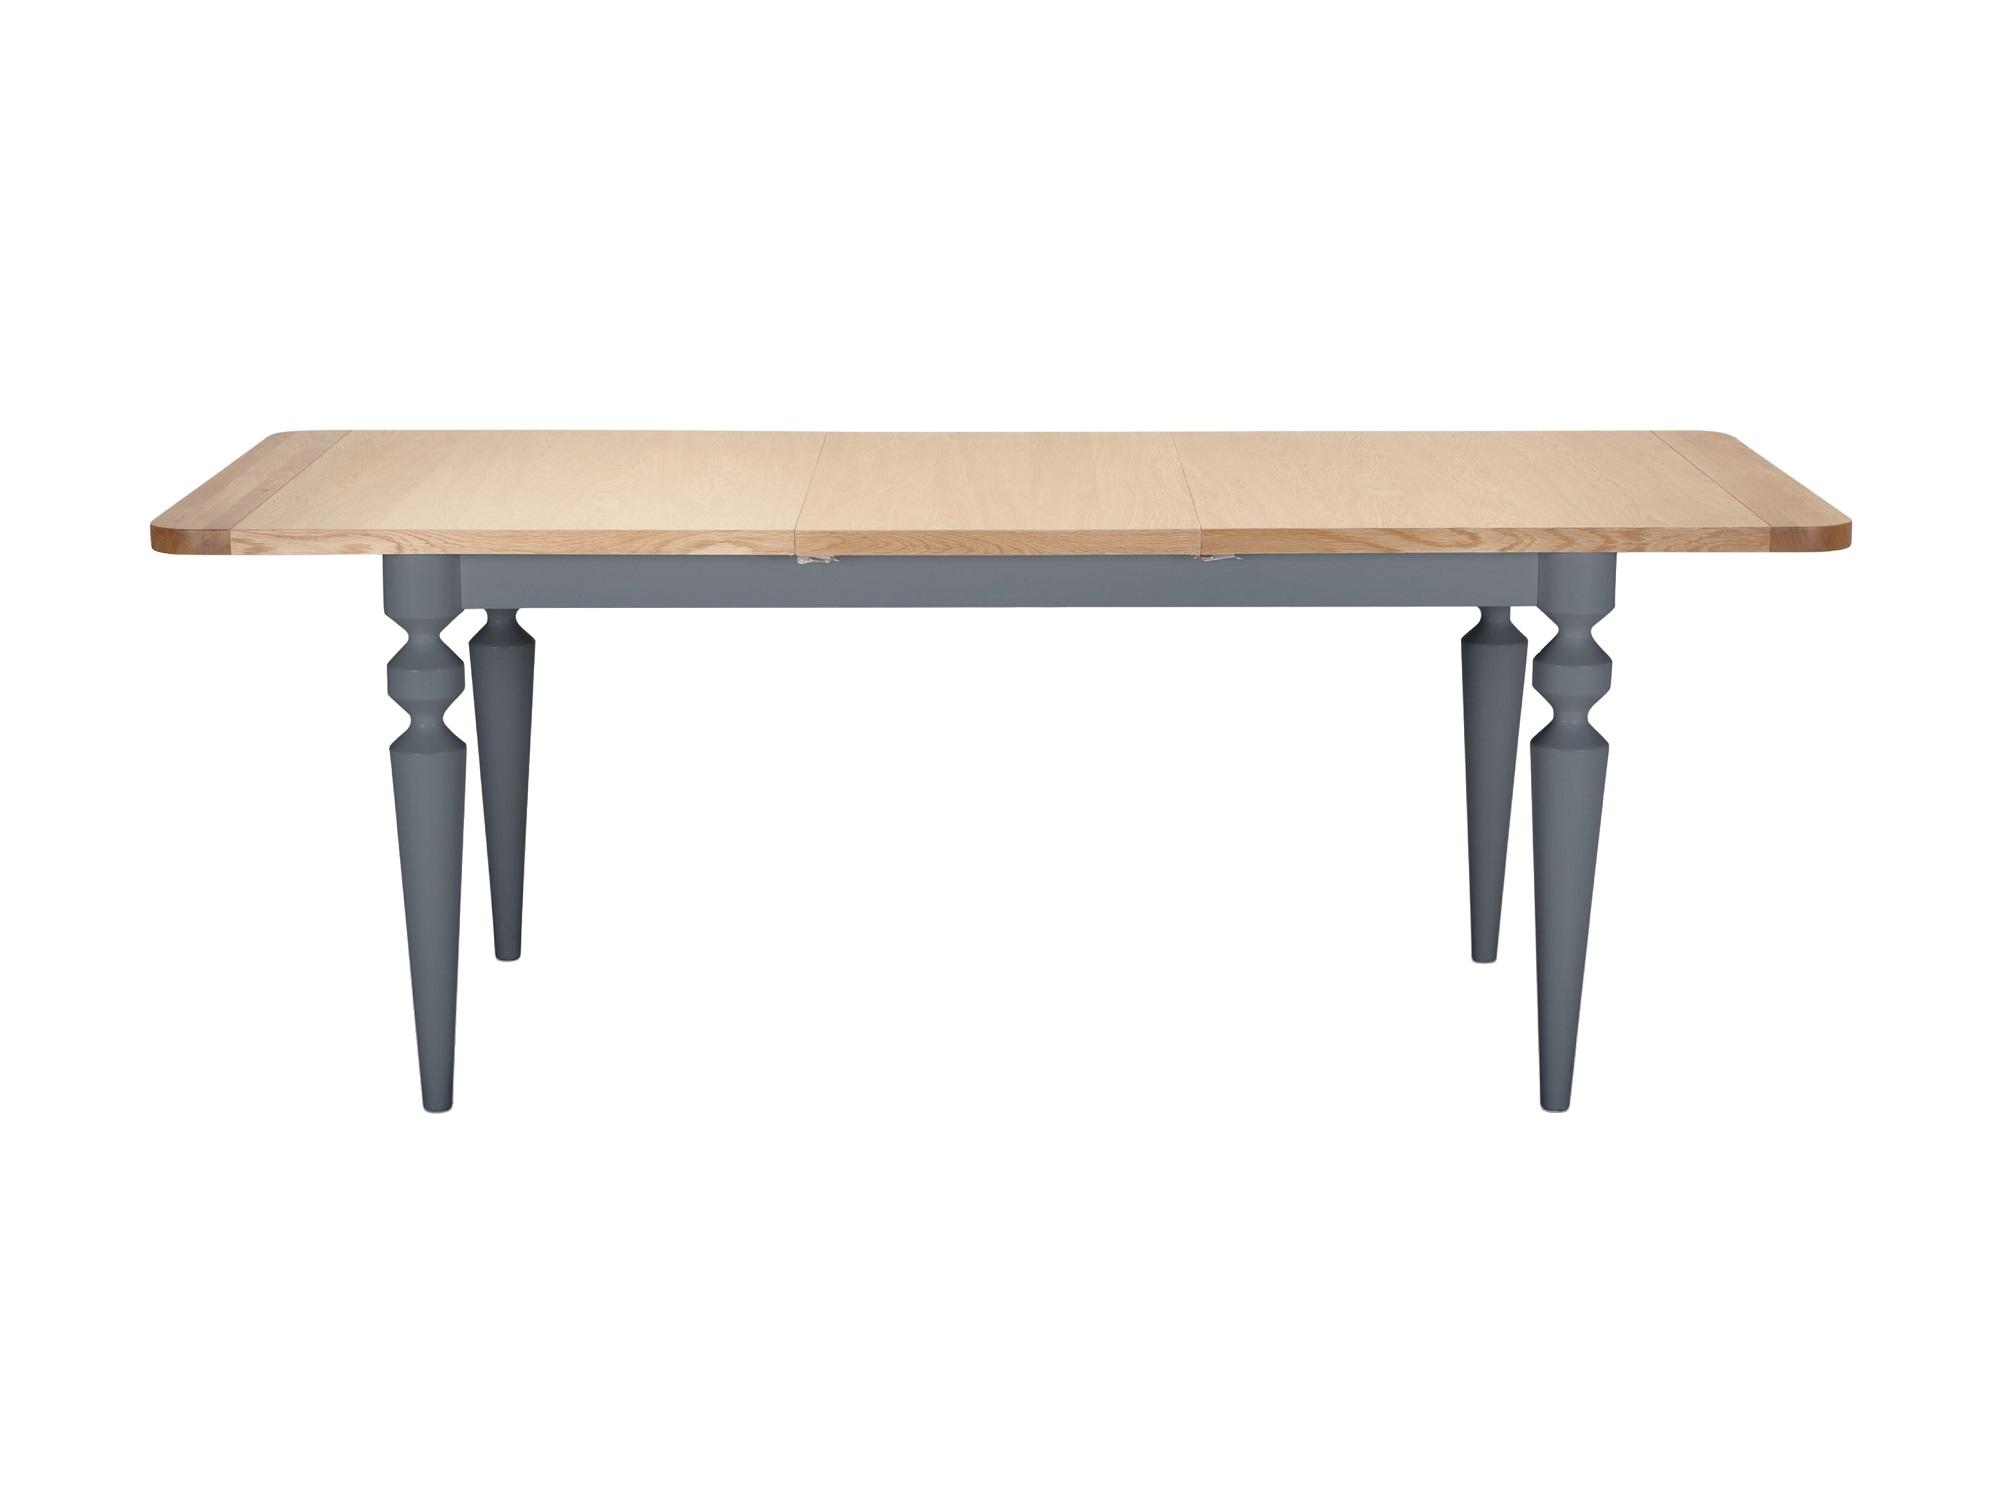 Обеденный стол Betty BeechОбеденные столы<br>Минимальная ширина стола:&amp;amp;nbsp;160 см.&amp;lt;div&amp;gt;Максимальная ширина стола: 210 см.&amp;lt;/div&amp;gt;<br><br>Material: Бук